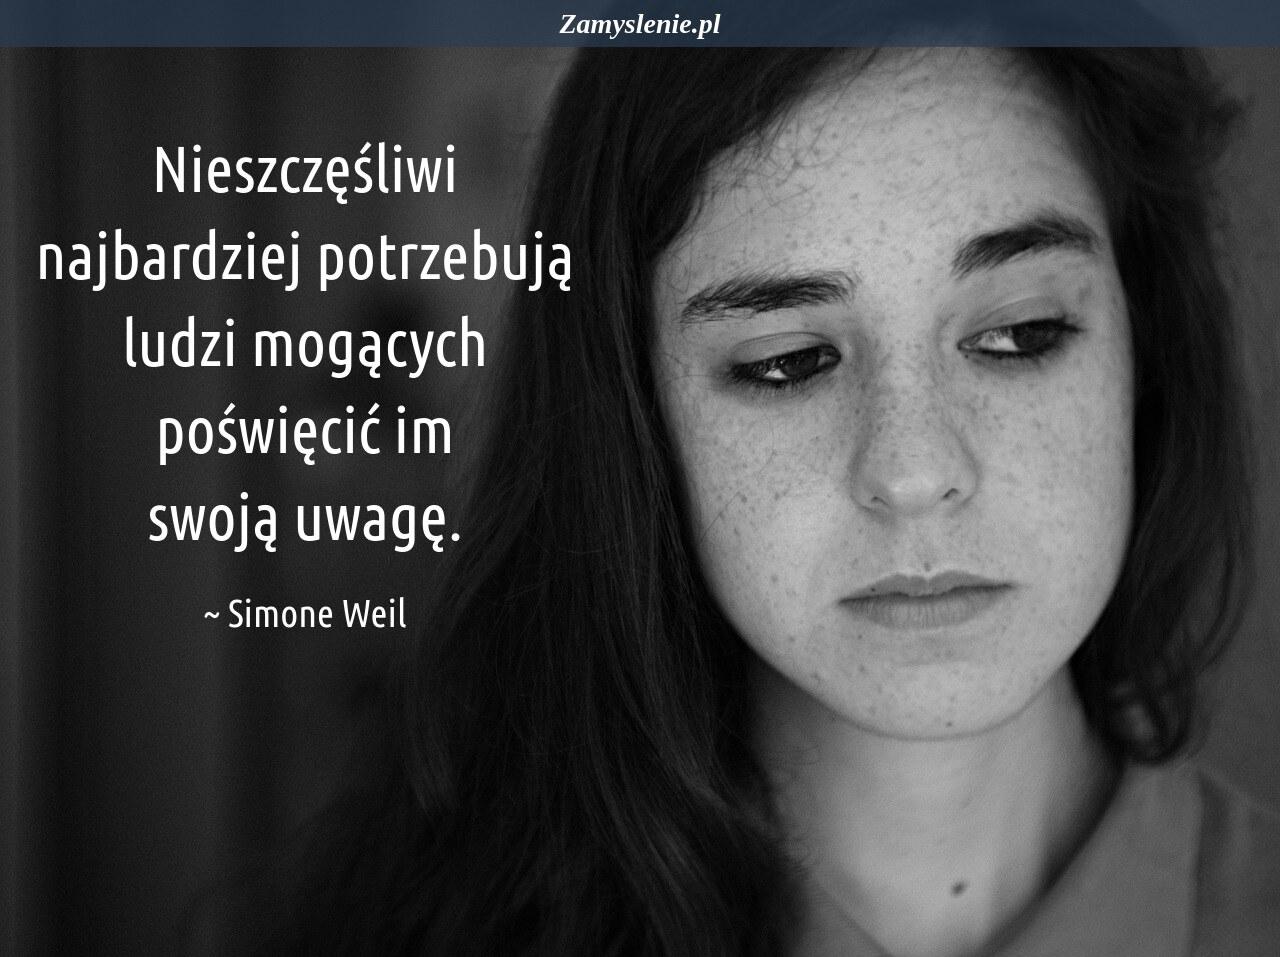 Obraz / mem do cytatu: Nieszczęśliwi najbardziej potrzebują ludzi mogących poświęcić im swoją uwagę.